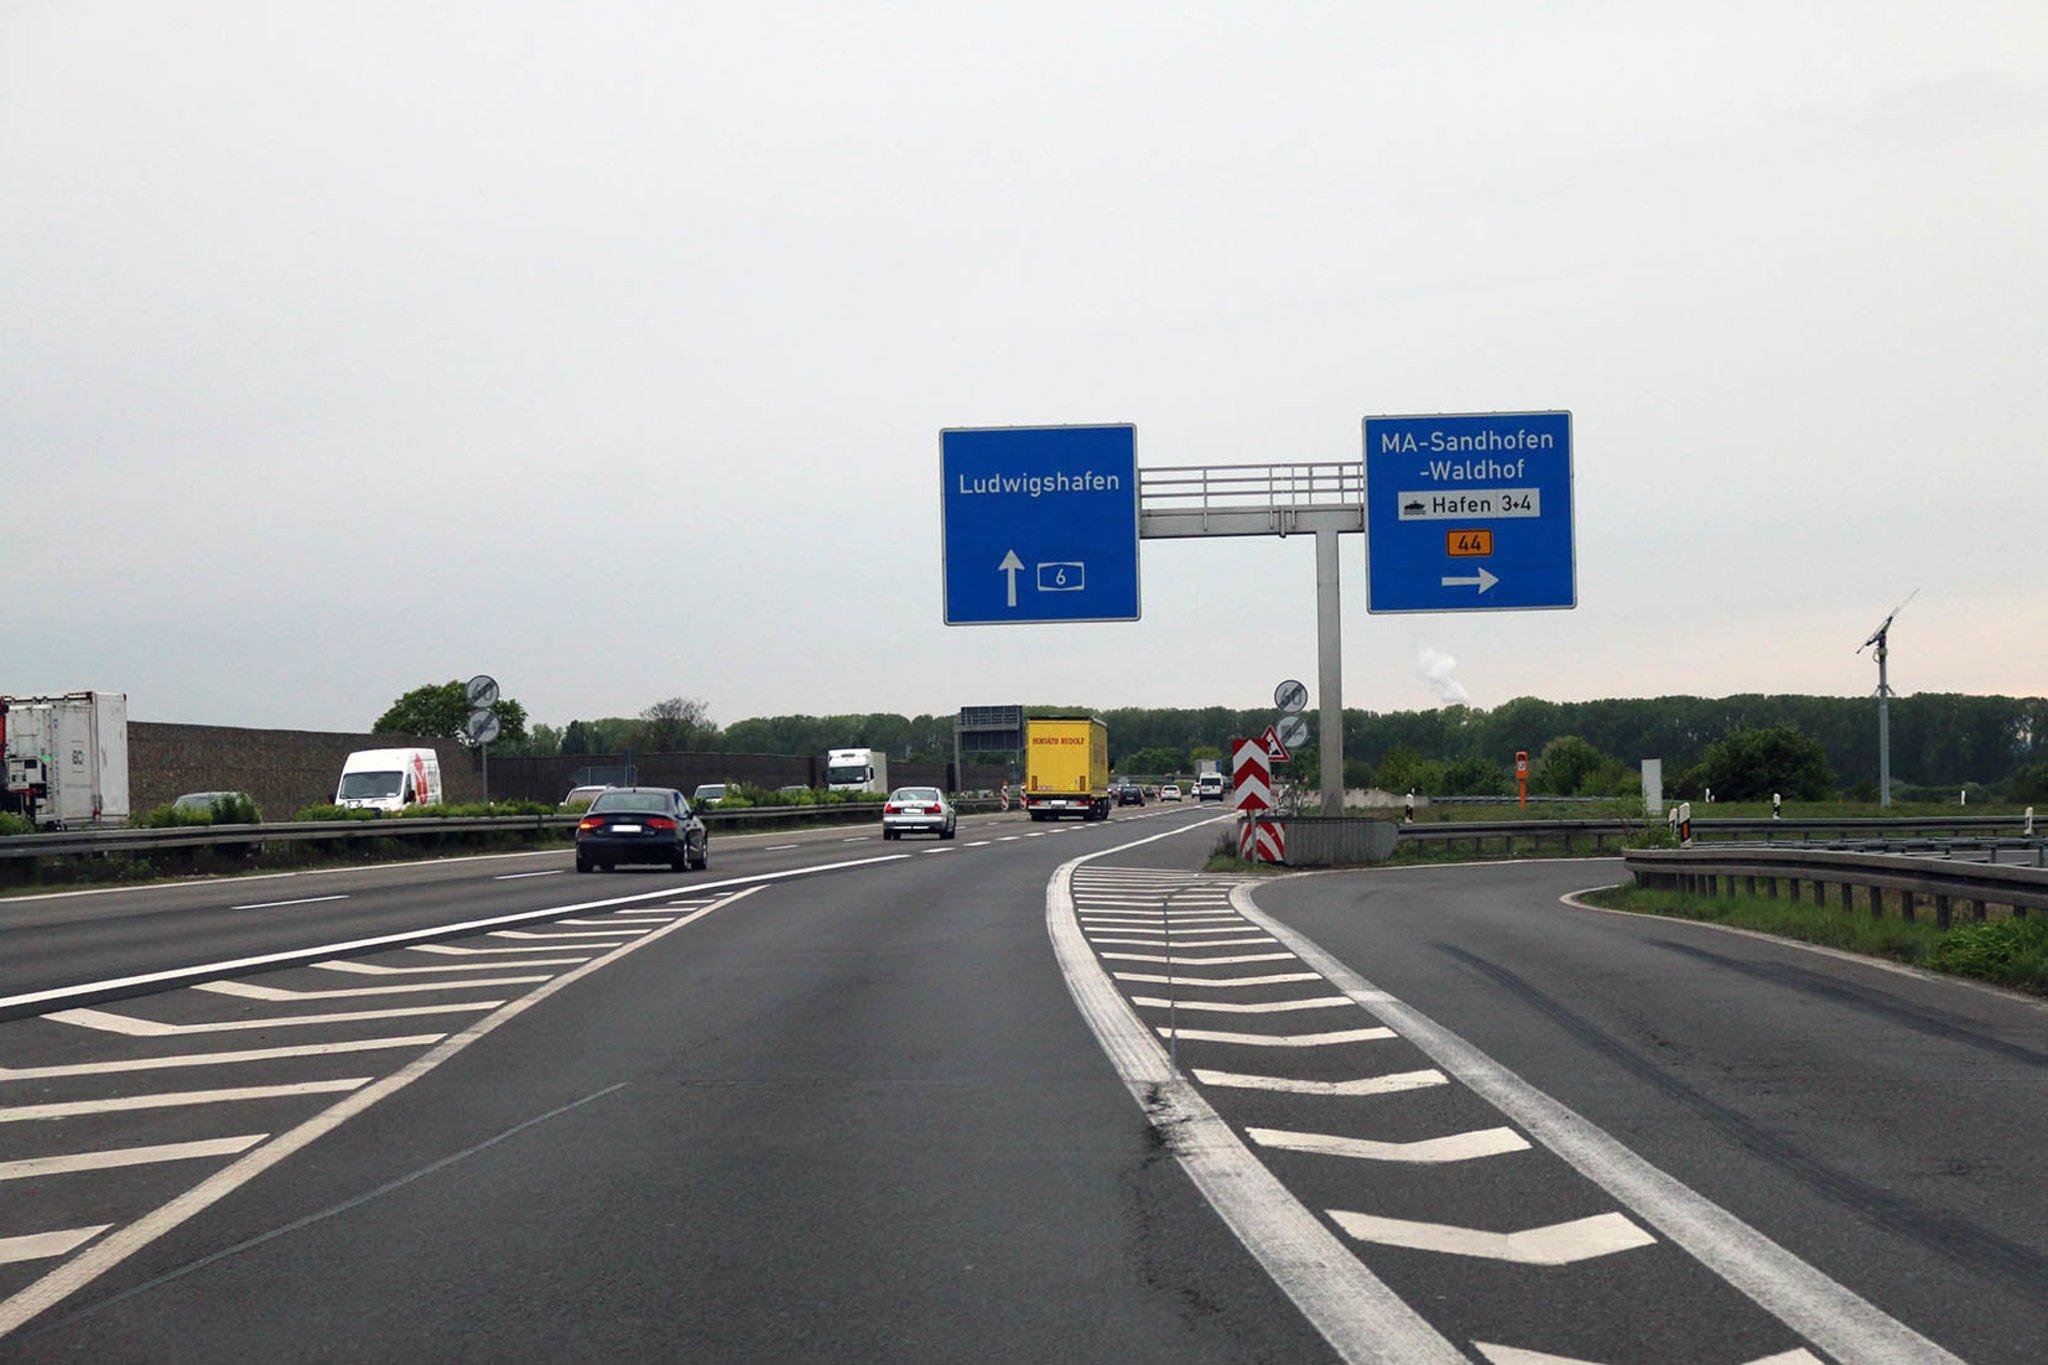 Rheinbrücke Karlsruhe Sperrung 2021 Termine